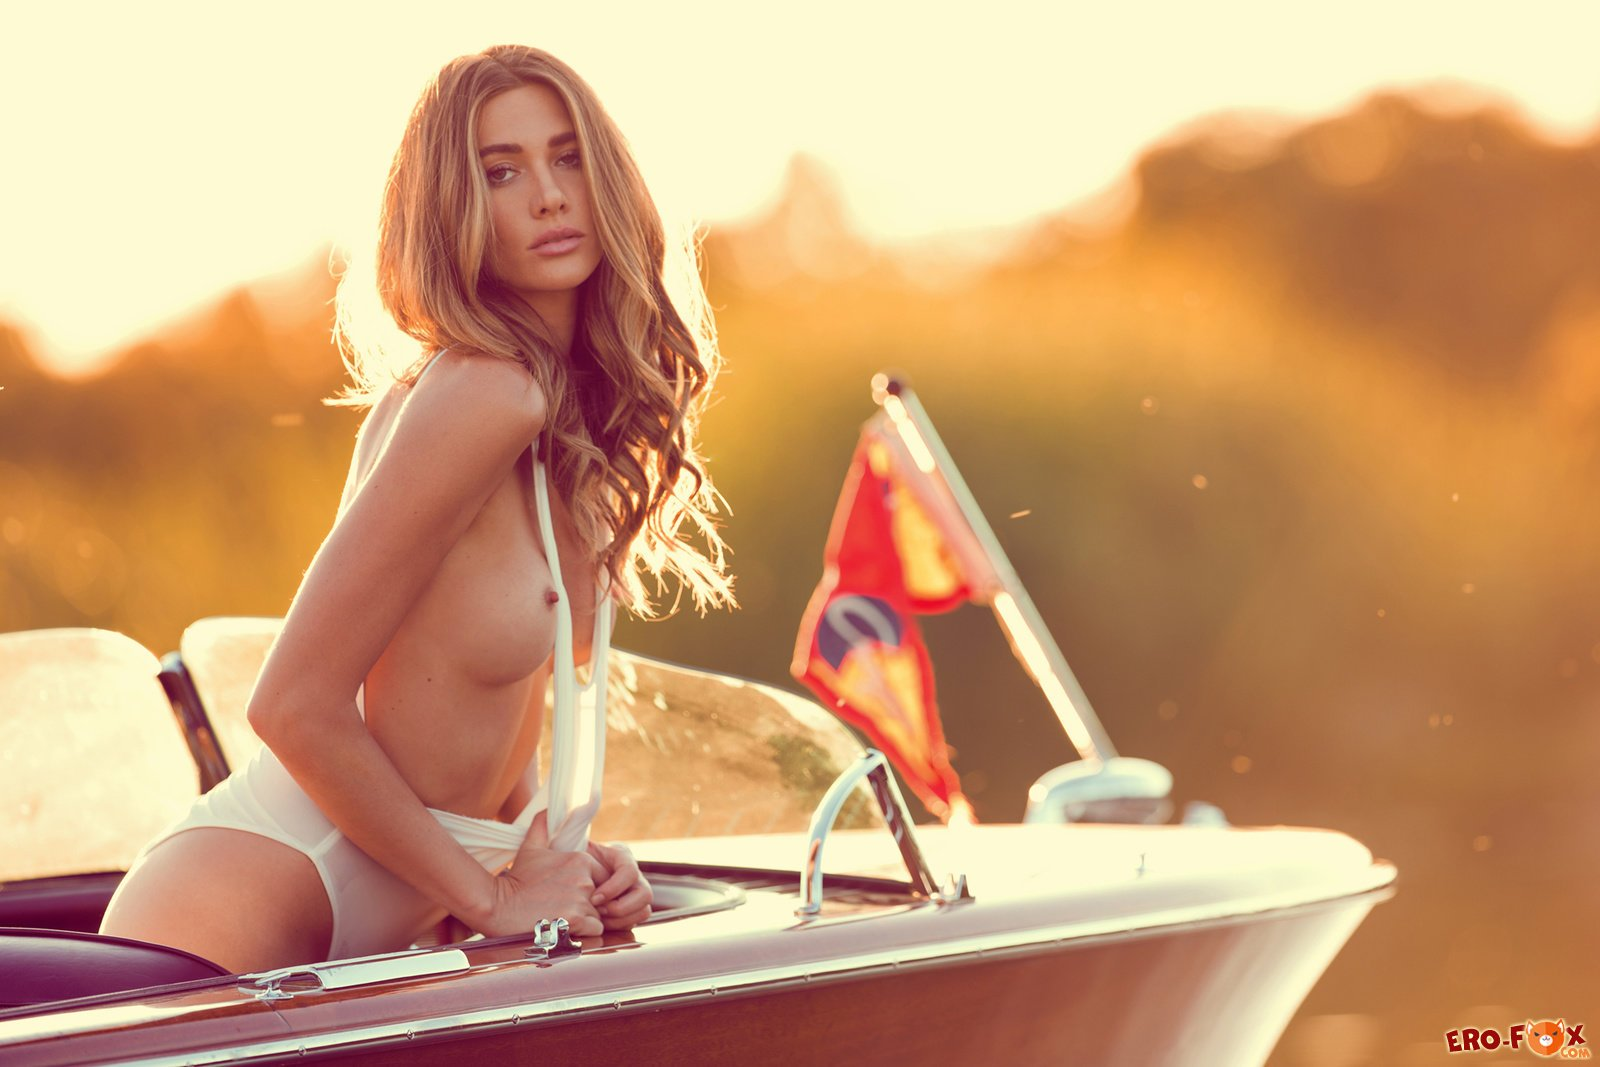 Девушка обнажила свою красивую упругую грудь